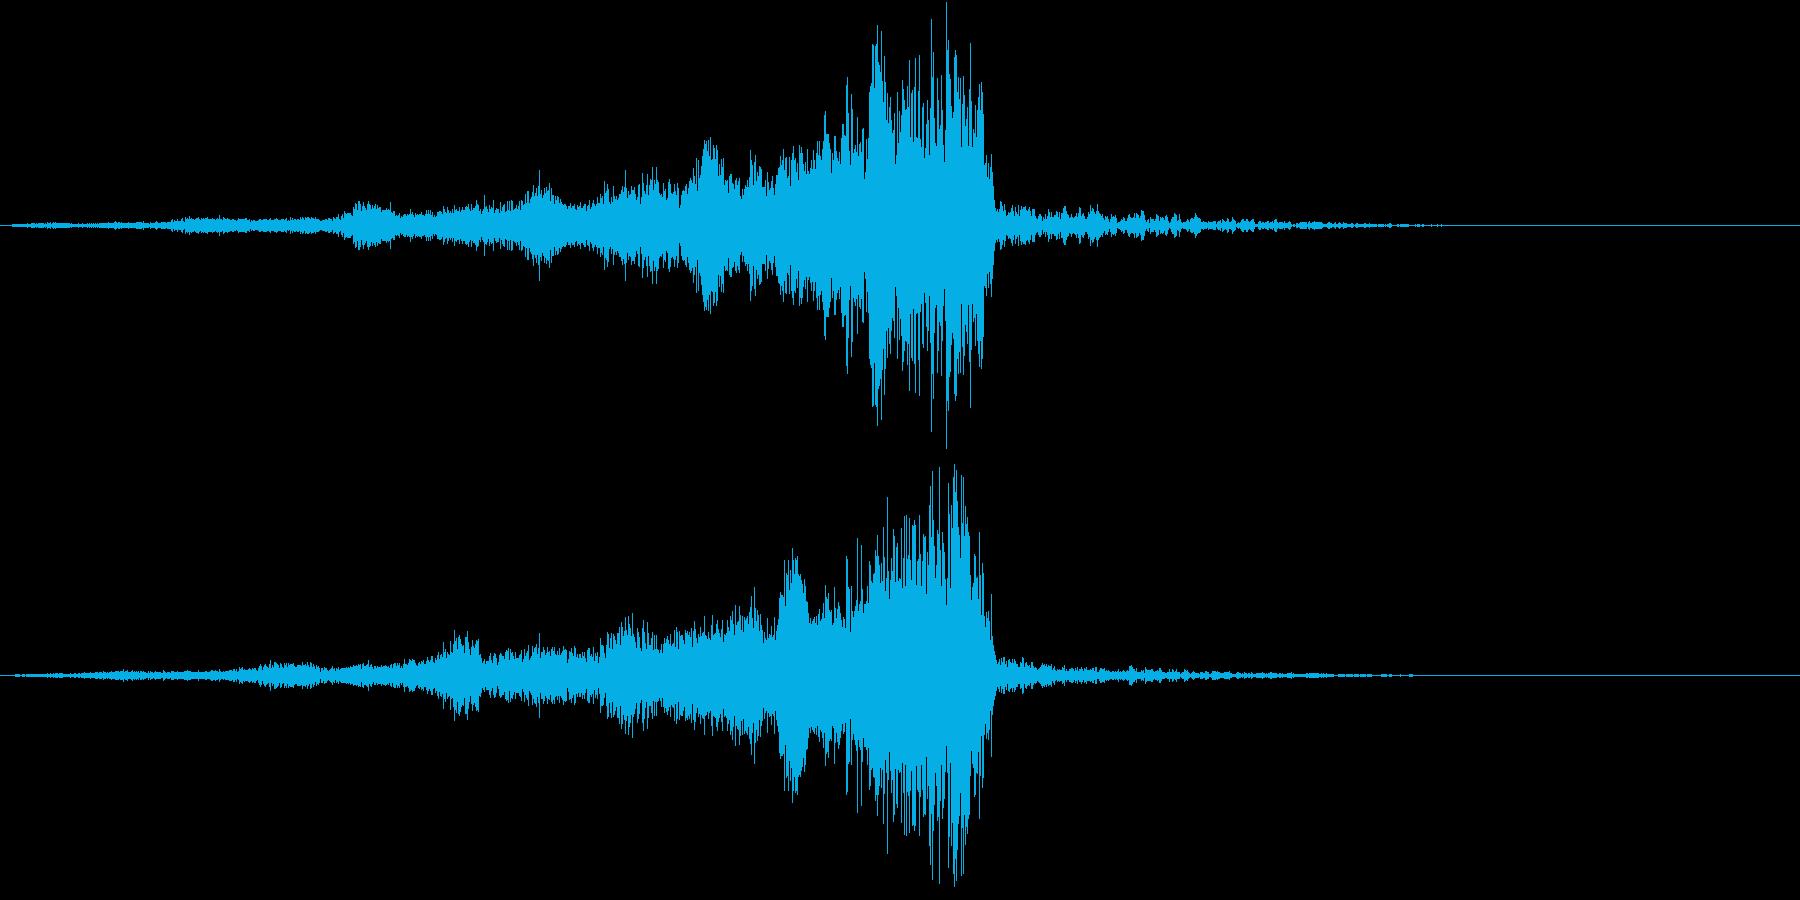 【映画演出】Sci-Fi ライザー_13の再生済みの波形